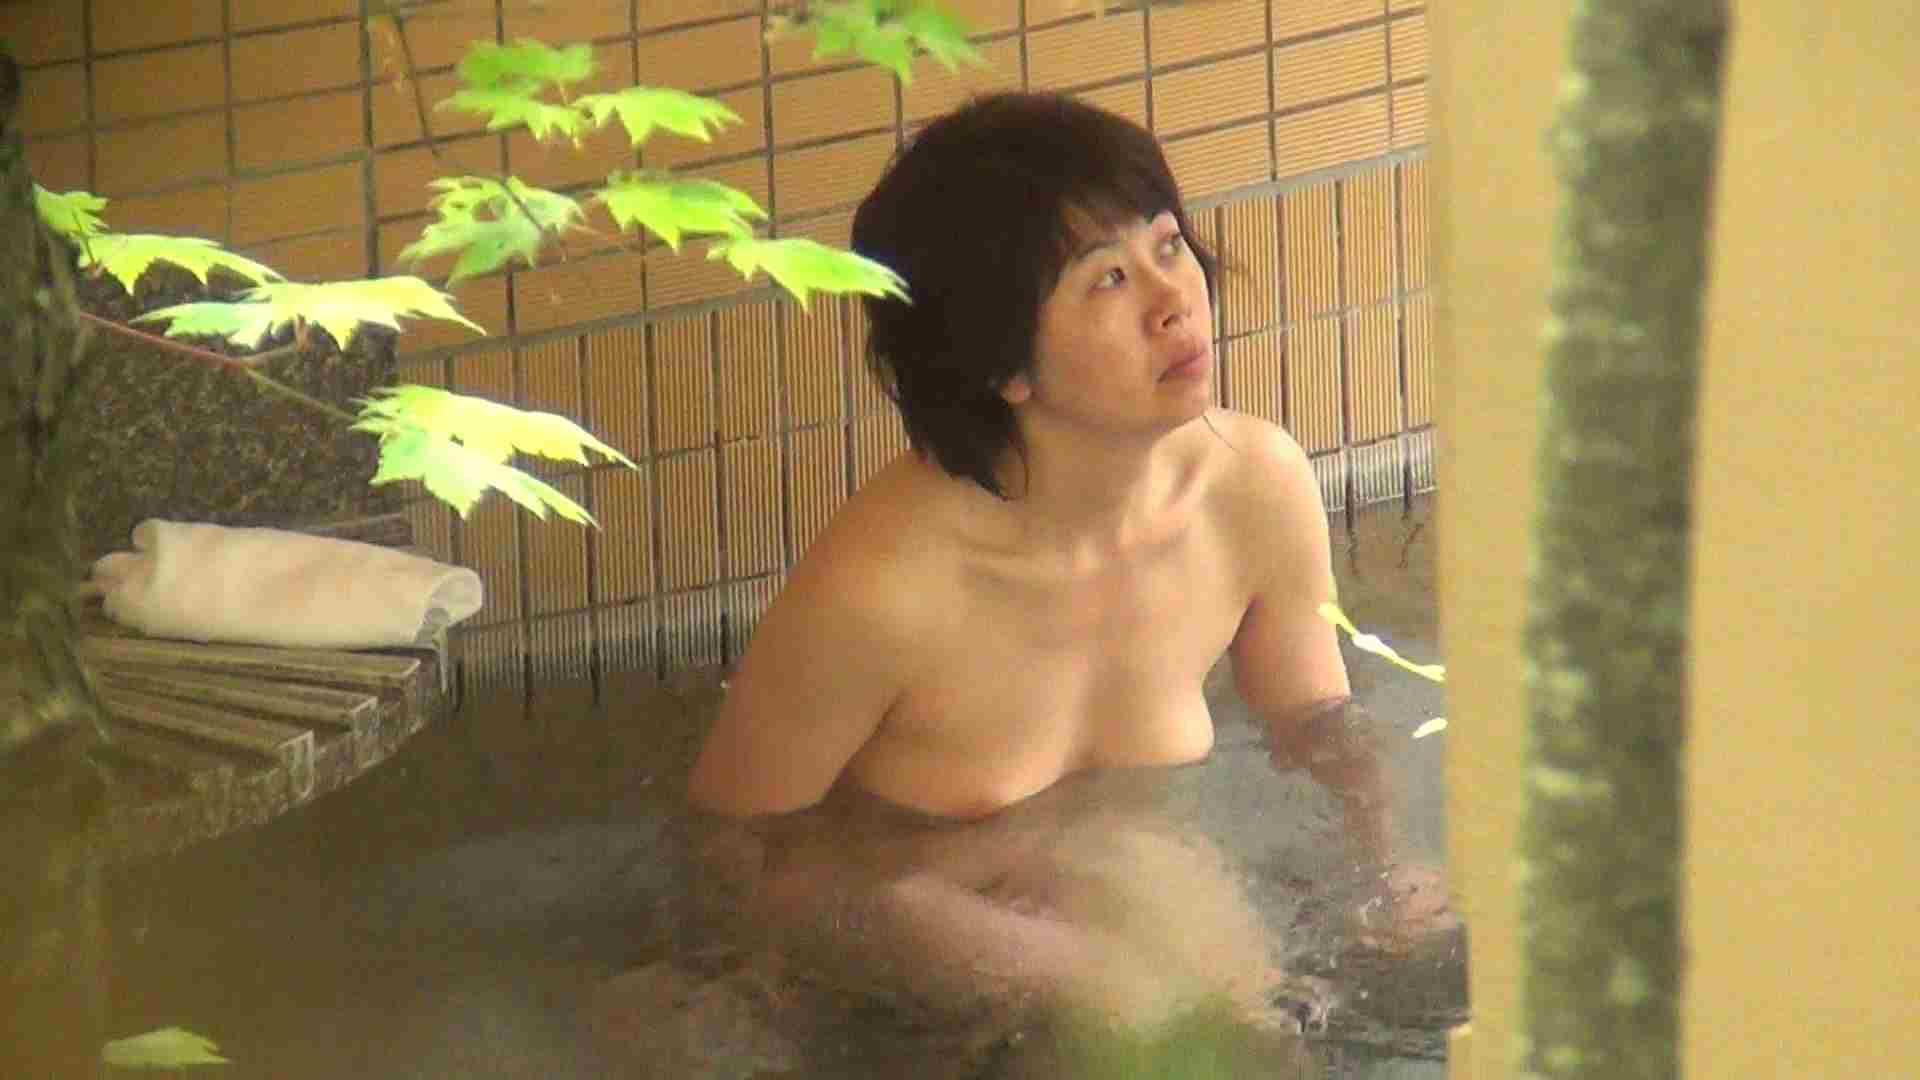 Aquaな露天風呂Vol.247 盗撮師作品 おめこ無修正画像 85pic 41